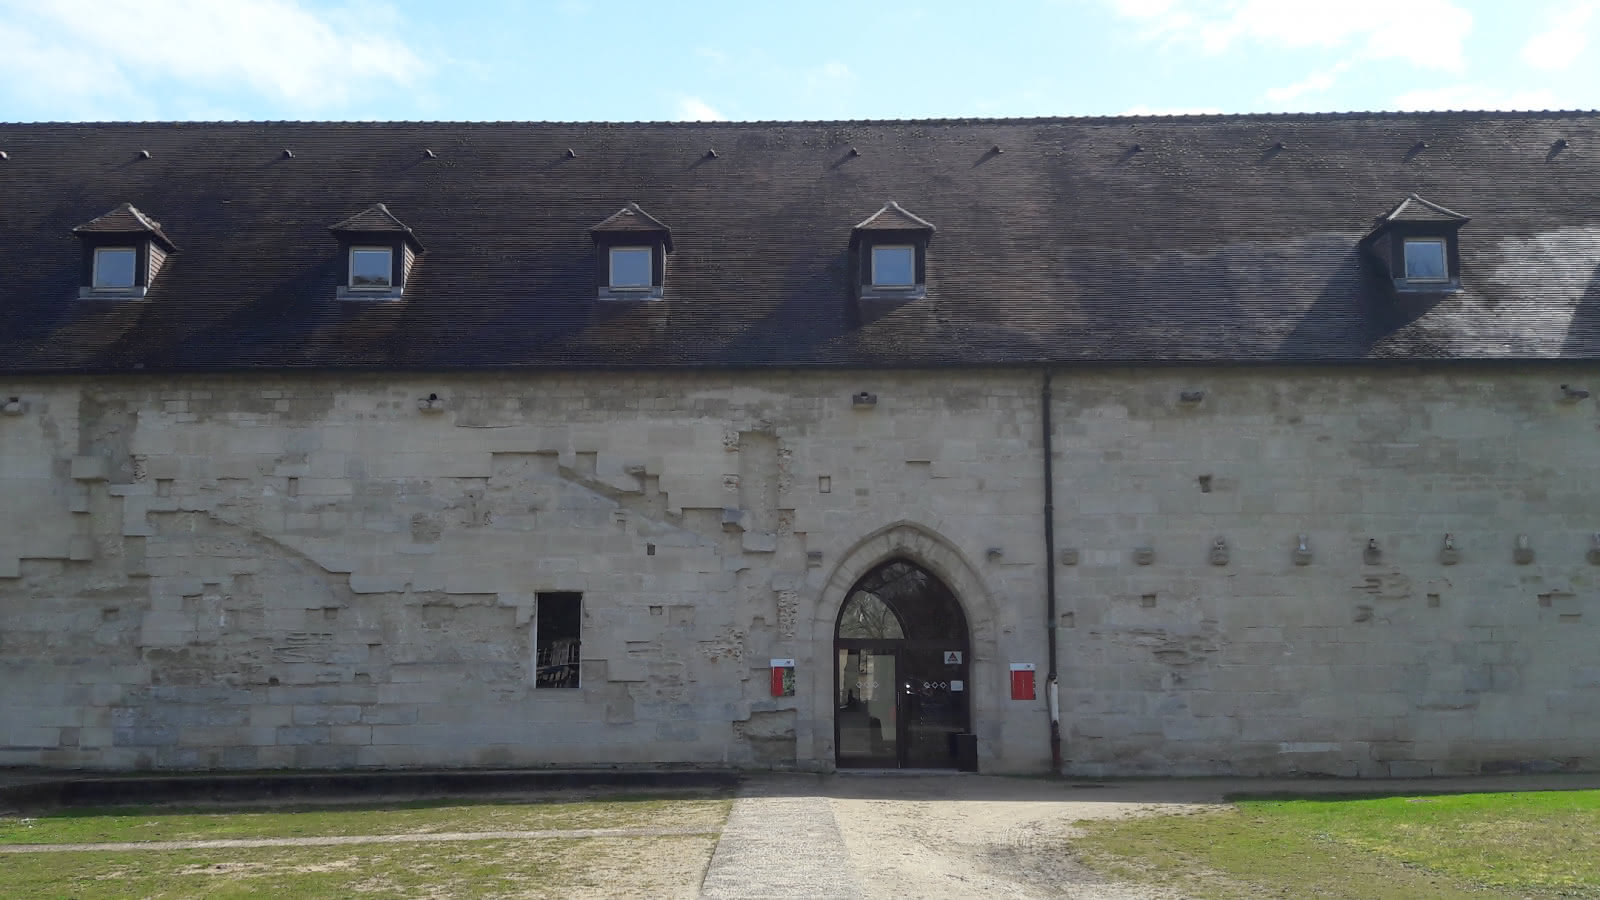 Photo de l'entrée de l'abbaye de Maubuisson à Saint-Ouen-l'Aumône dans le Val d'Oise